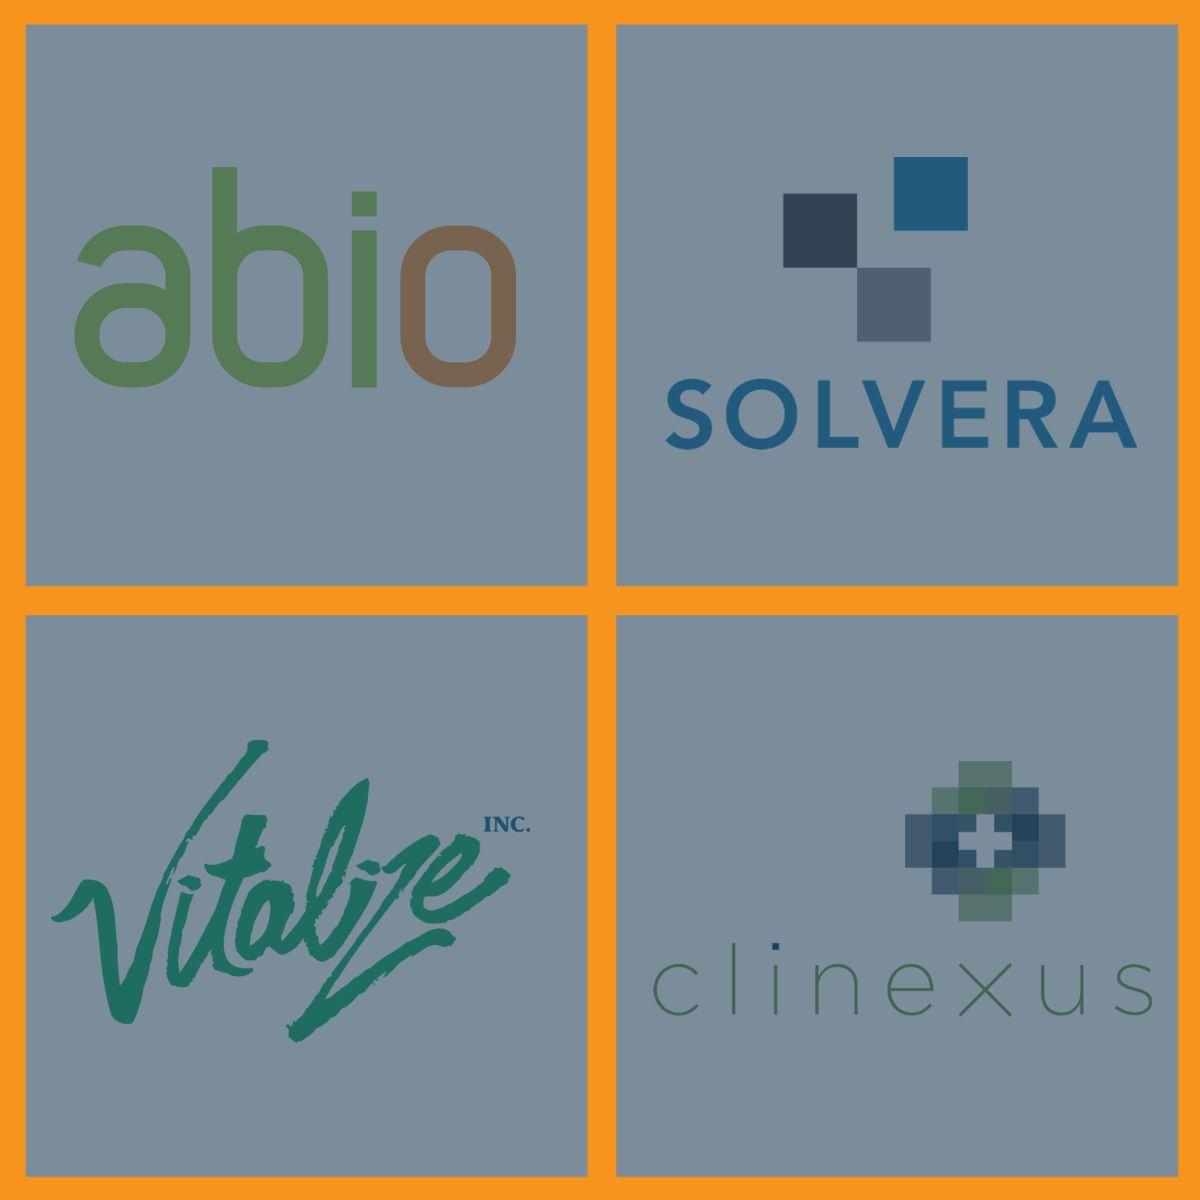 4 Logos Framed.jpg